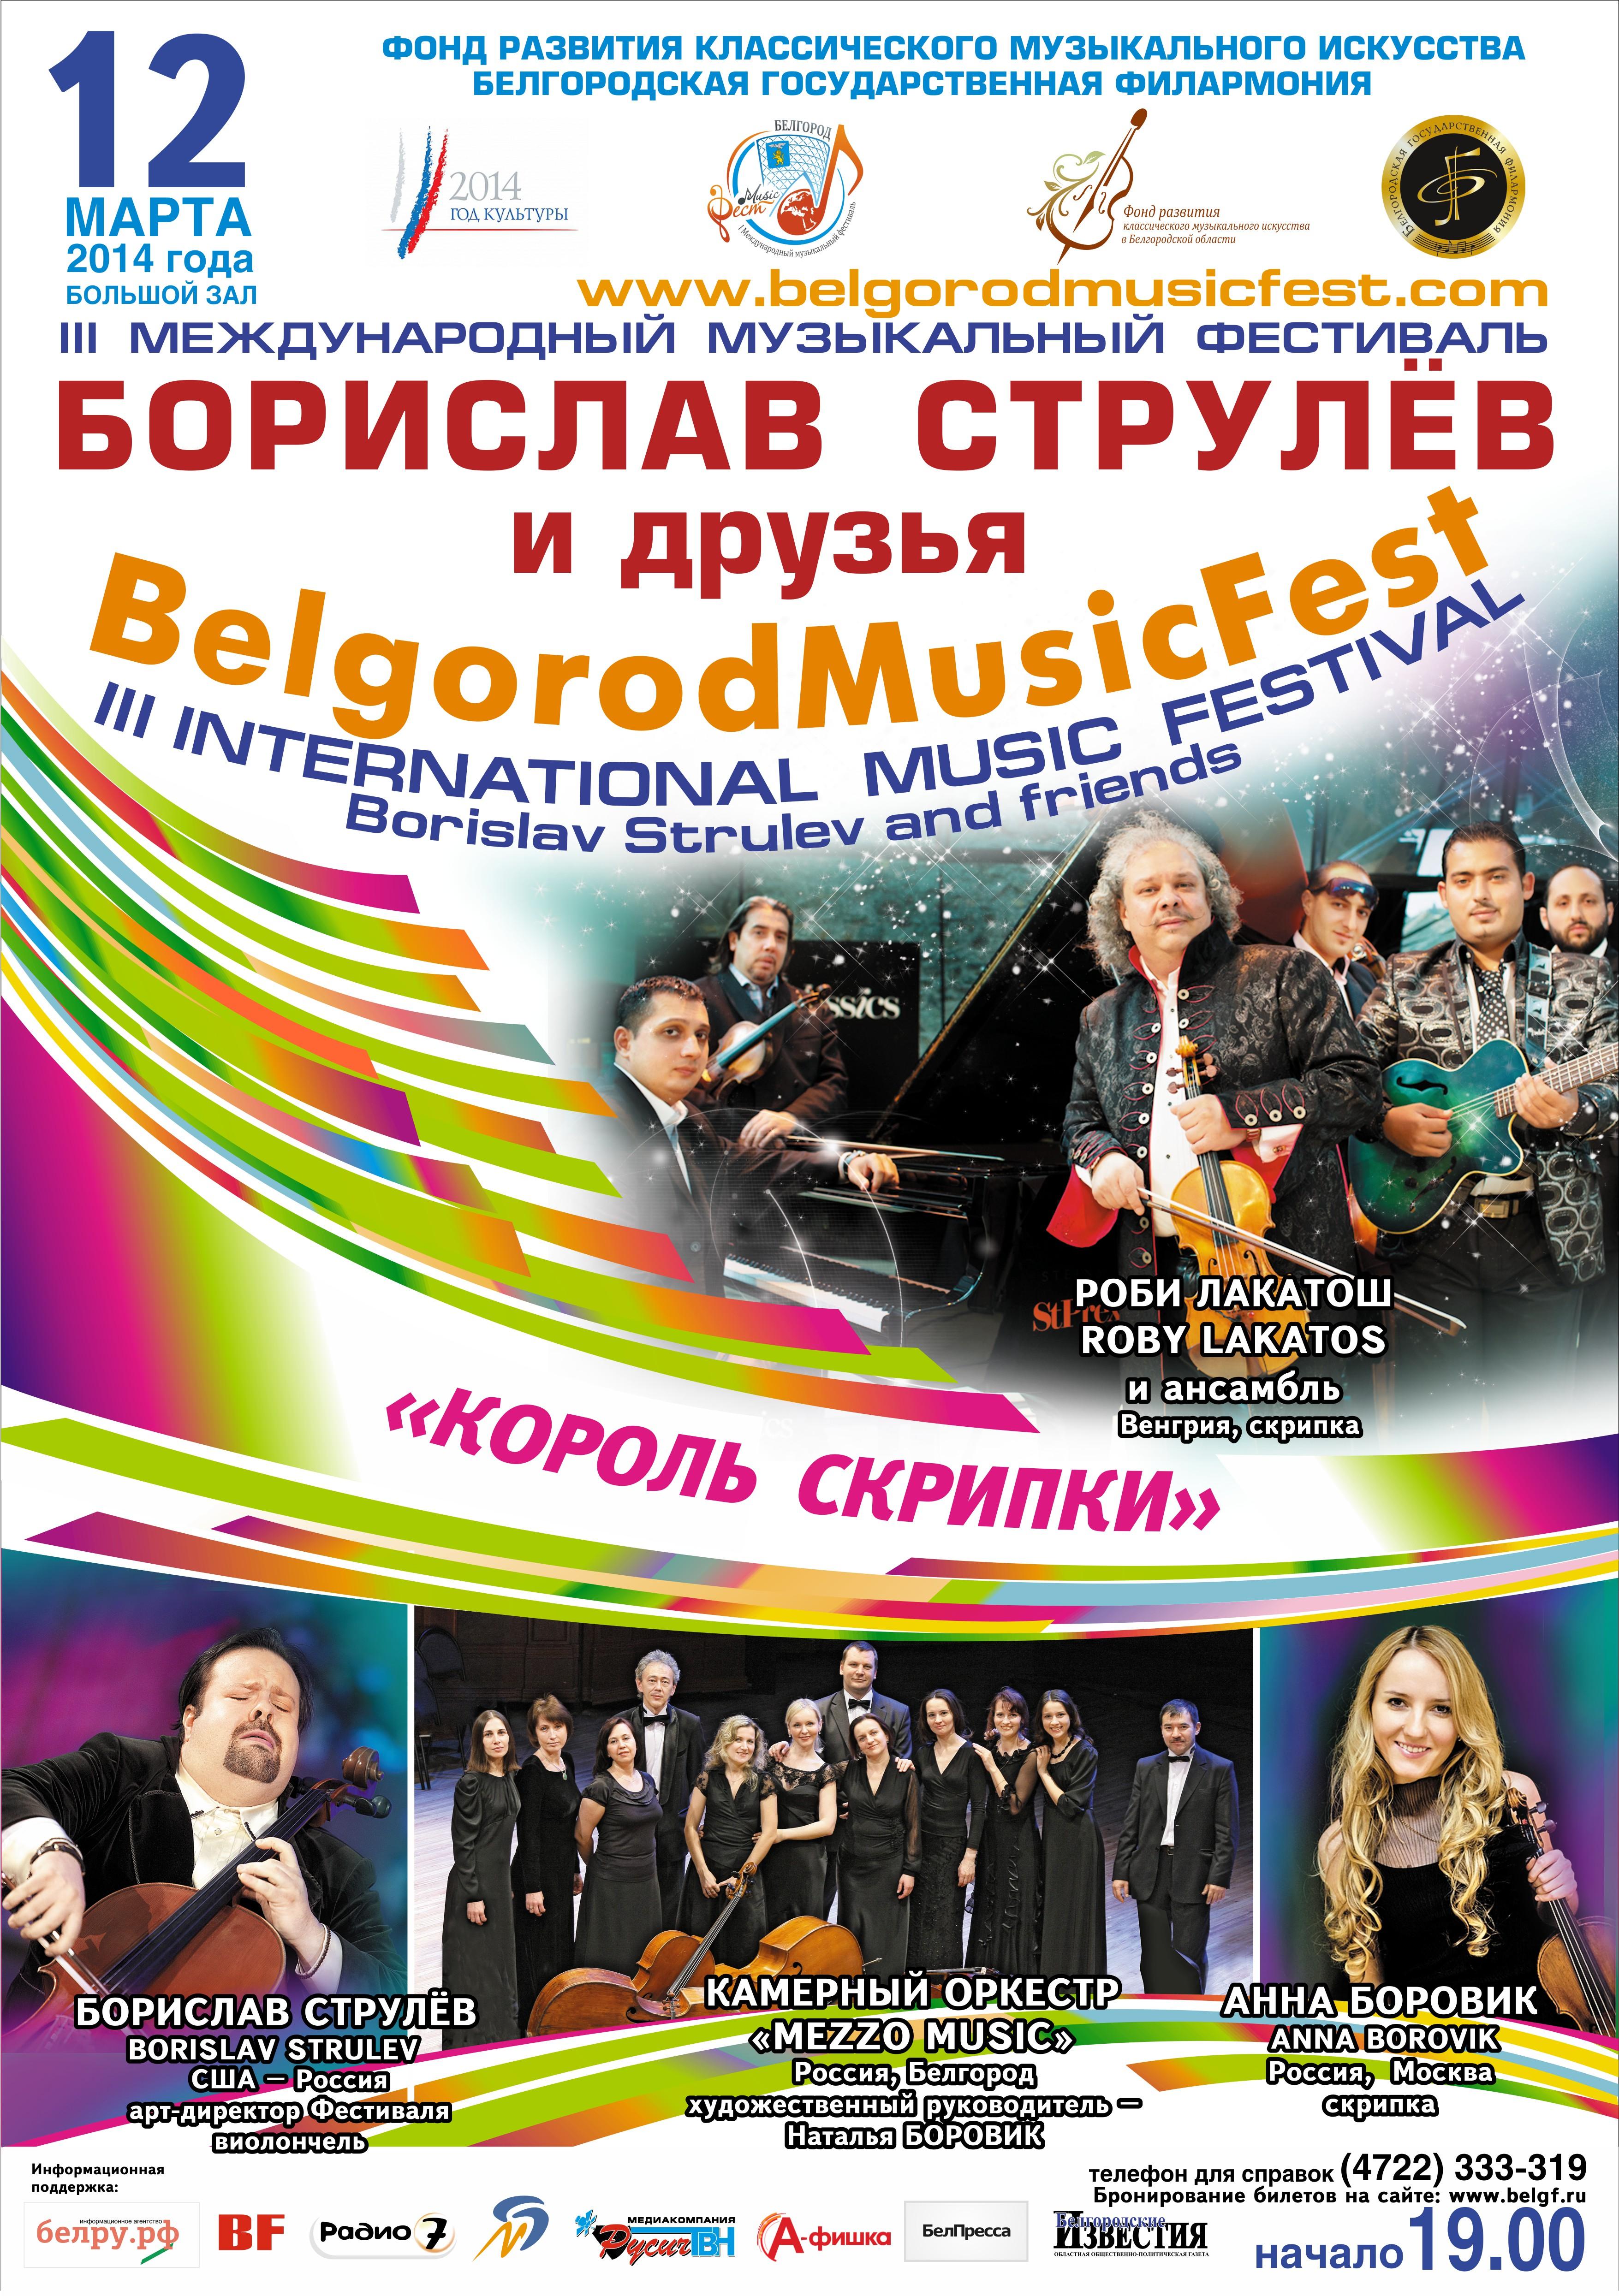 Друзья Друзей 2014 Музыка